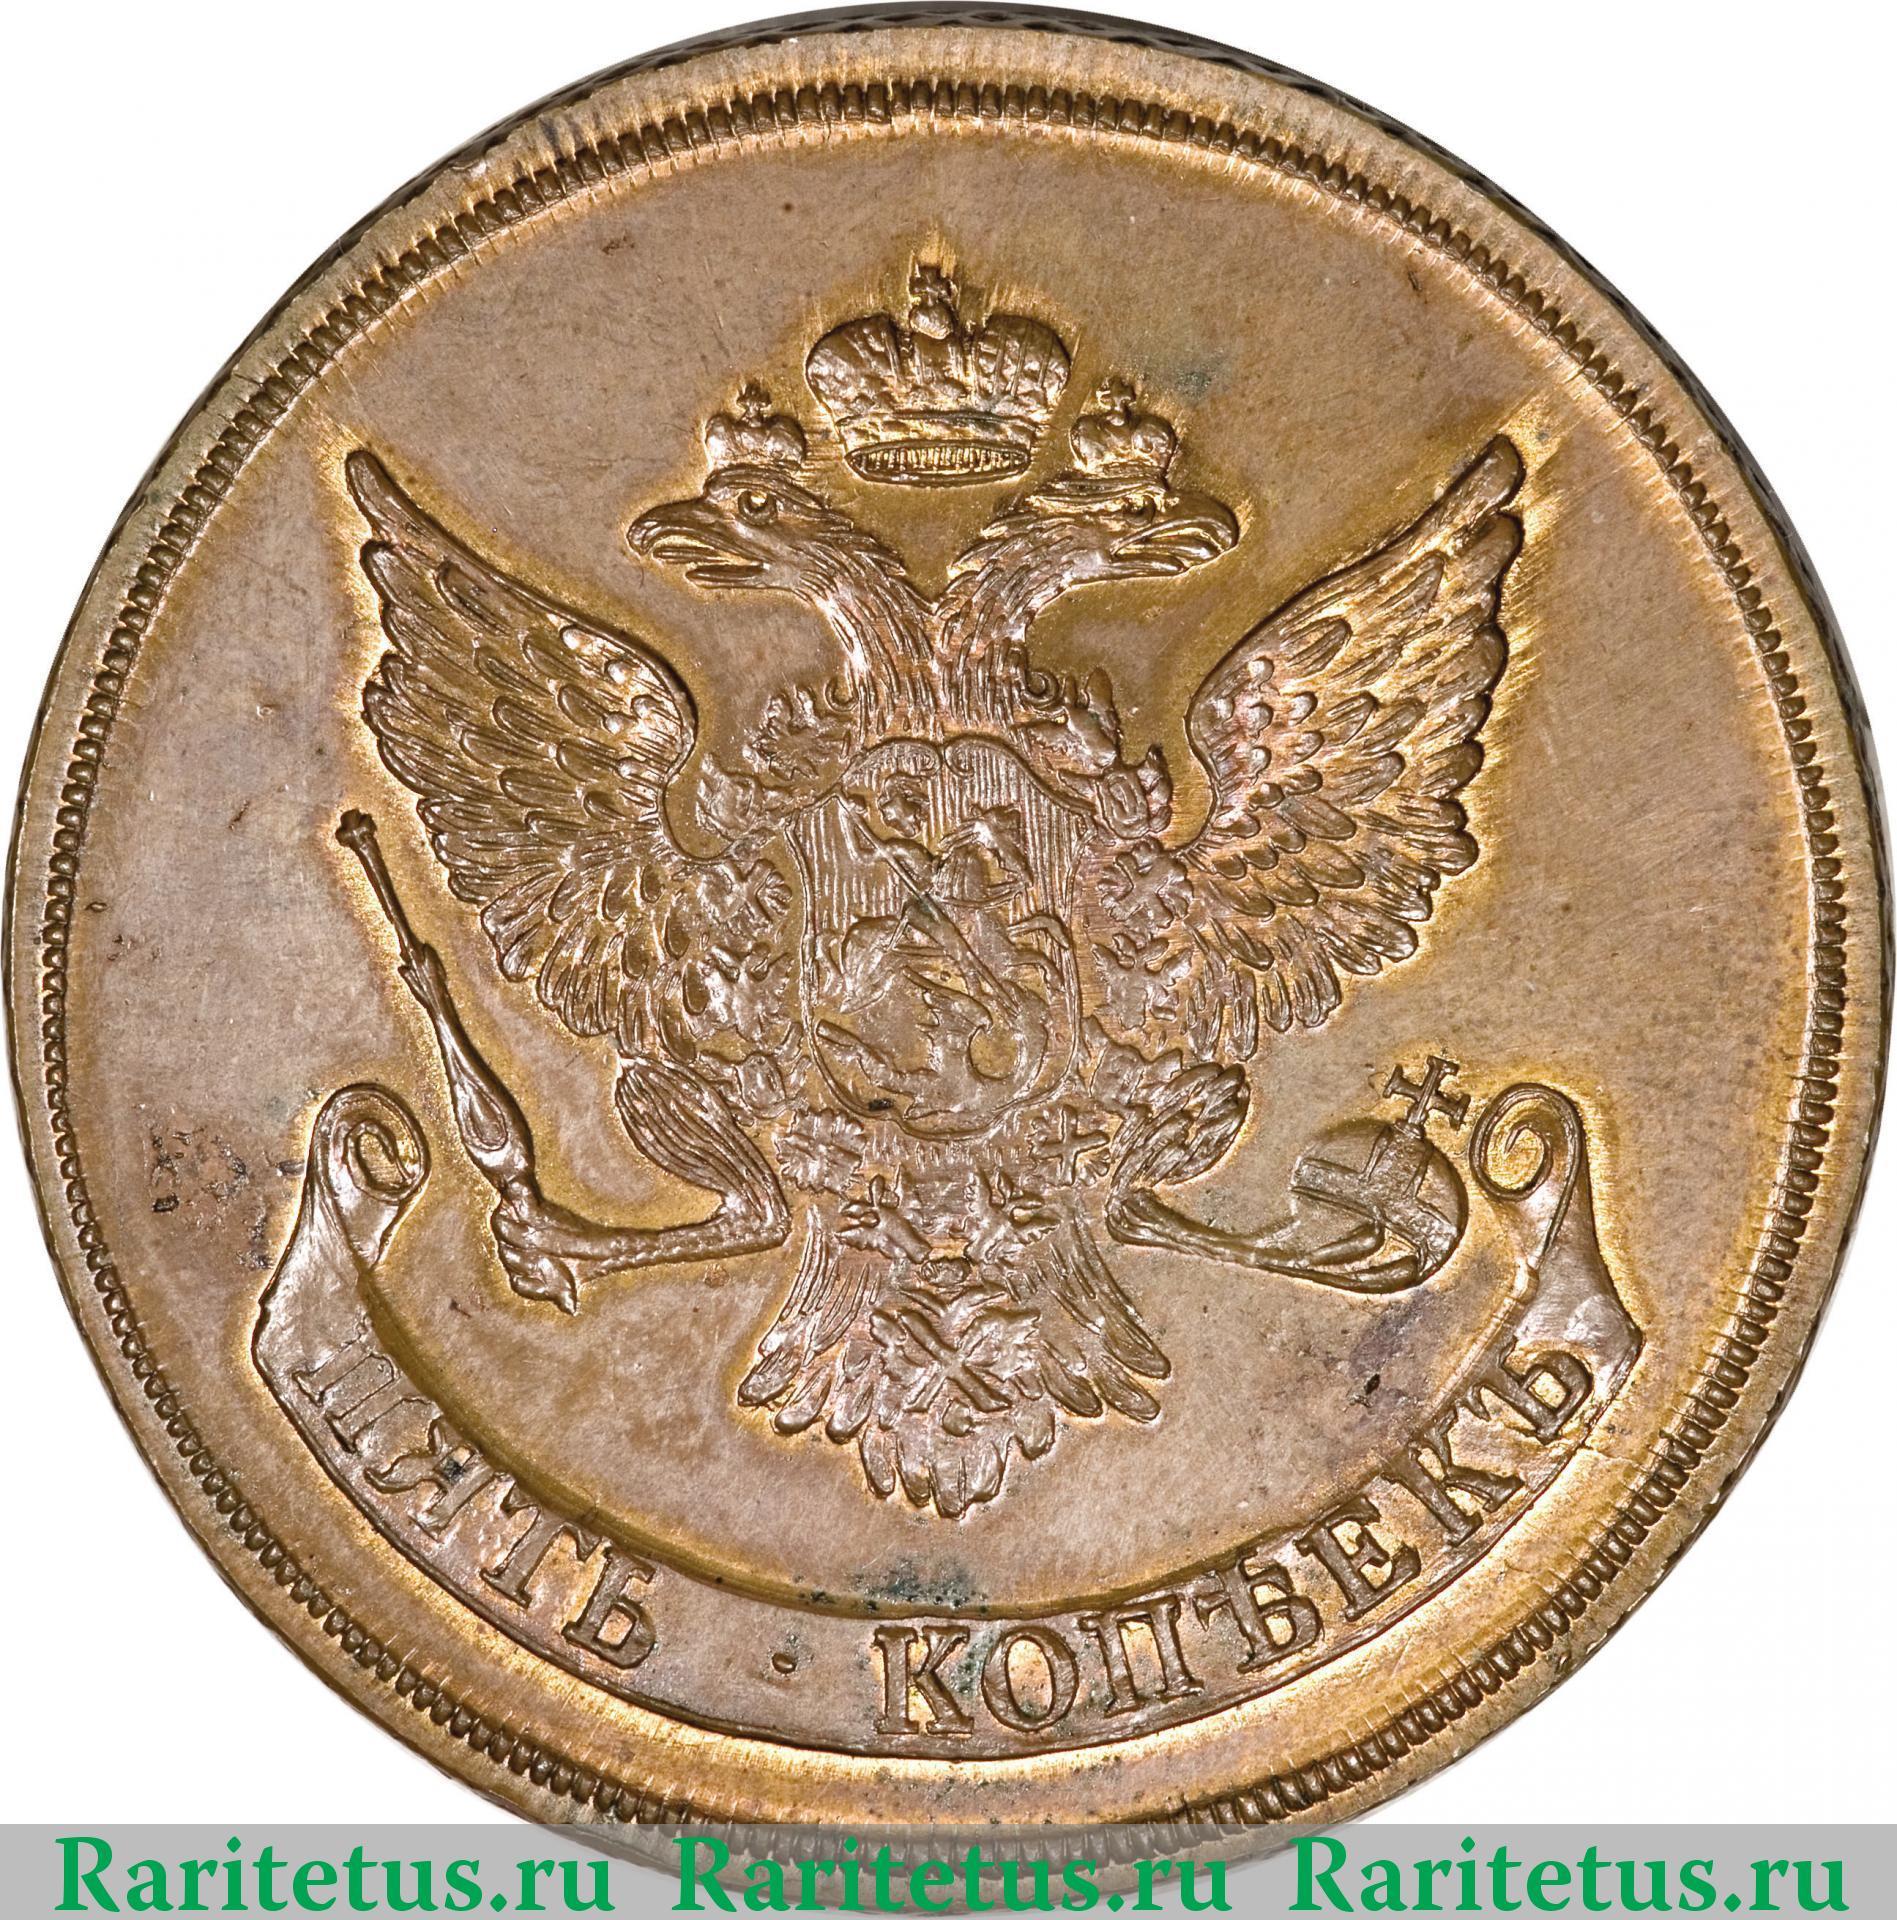 Русская монета 5 букв старые монеты и их стоимость